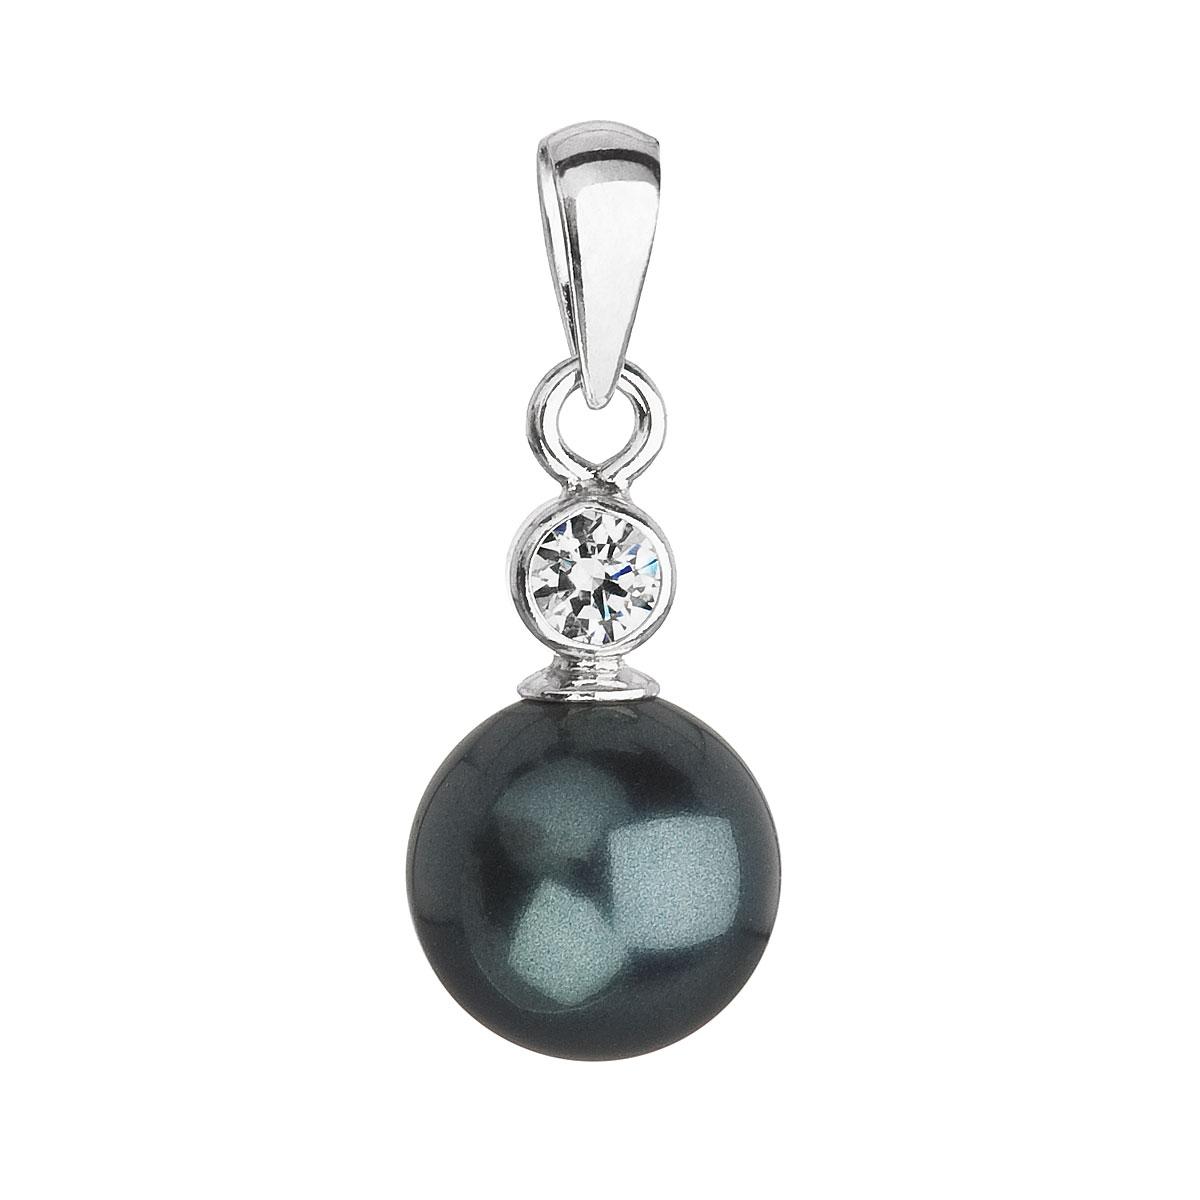 Evolution Group Stříbrný přívěsek s krystalem Swarovski a zelenou kulatou perlou 34201.3, dárkové balení